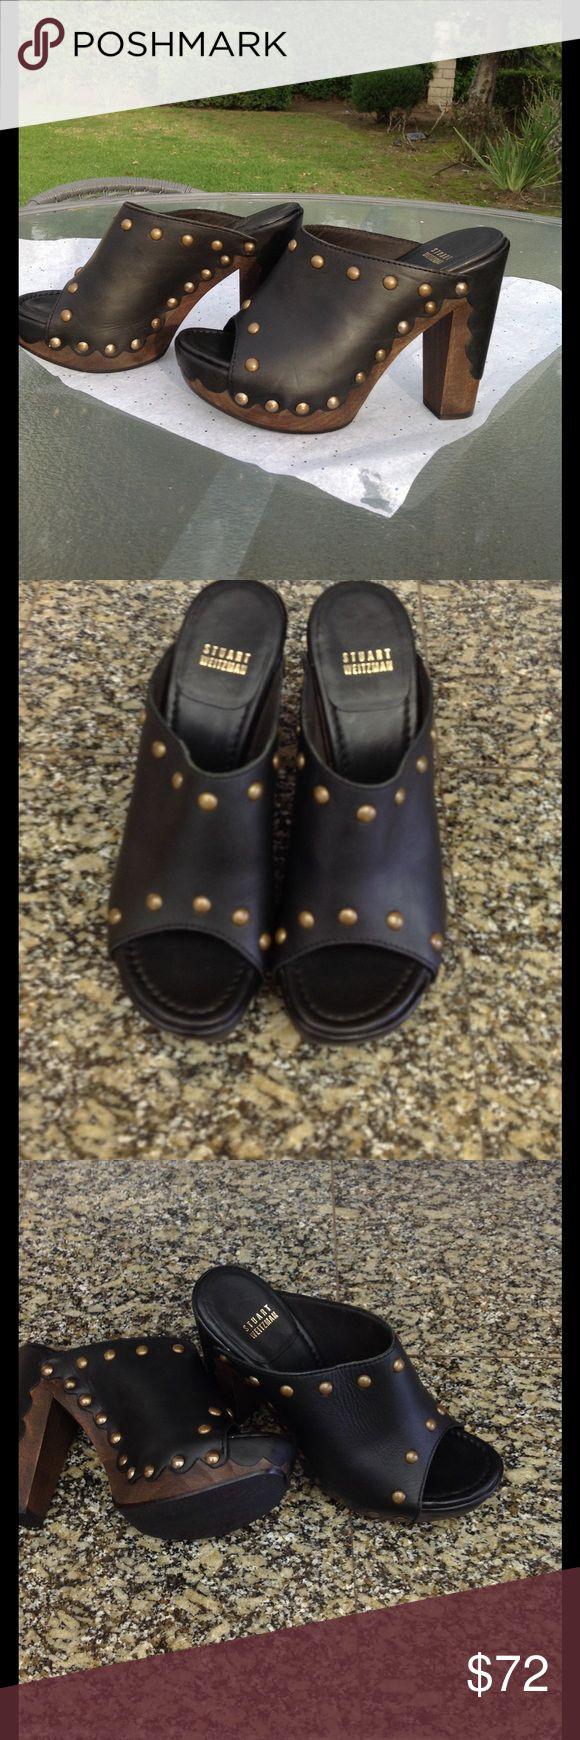 NWOT Stuart Weitzman mule clog heels Stuart Weitzman dark brown leather clog heels, open toe, 5.5 inch heel, size 8.5. Never worn, NWOT, no box. Stuart Weitzman Shoes Mules & Clogs